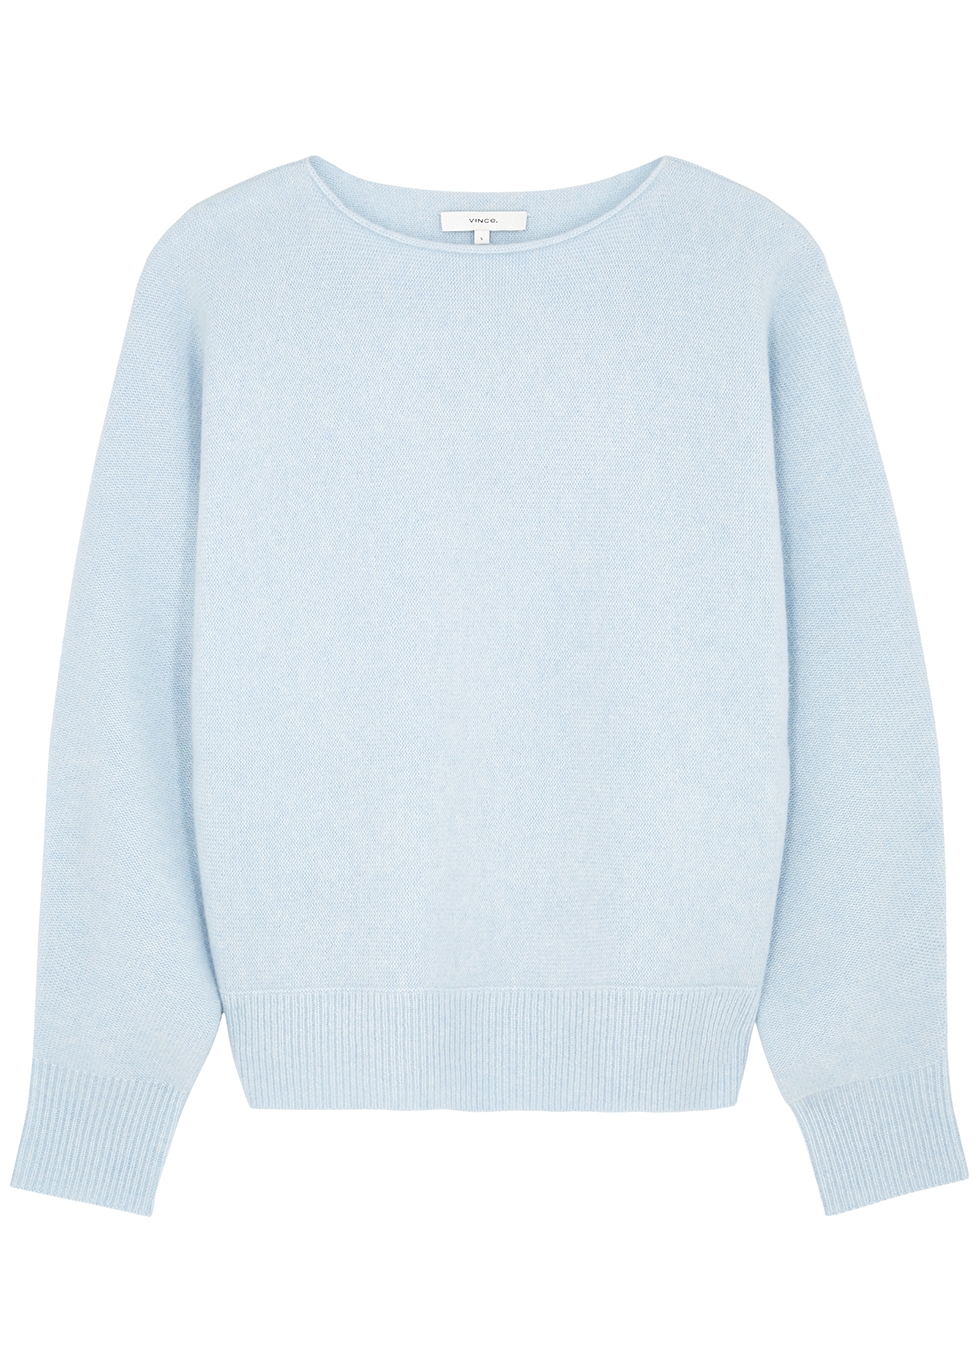 Light blue cashmere jumper